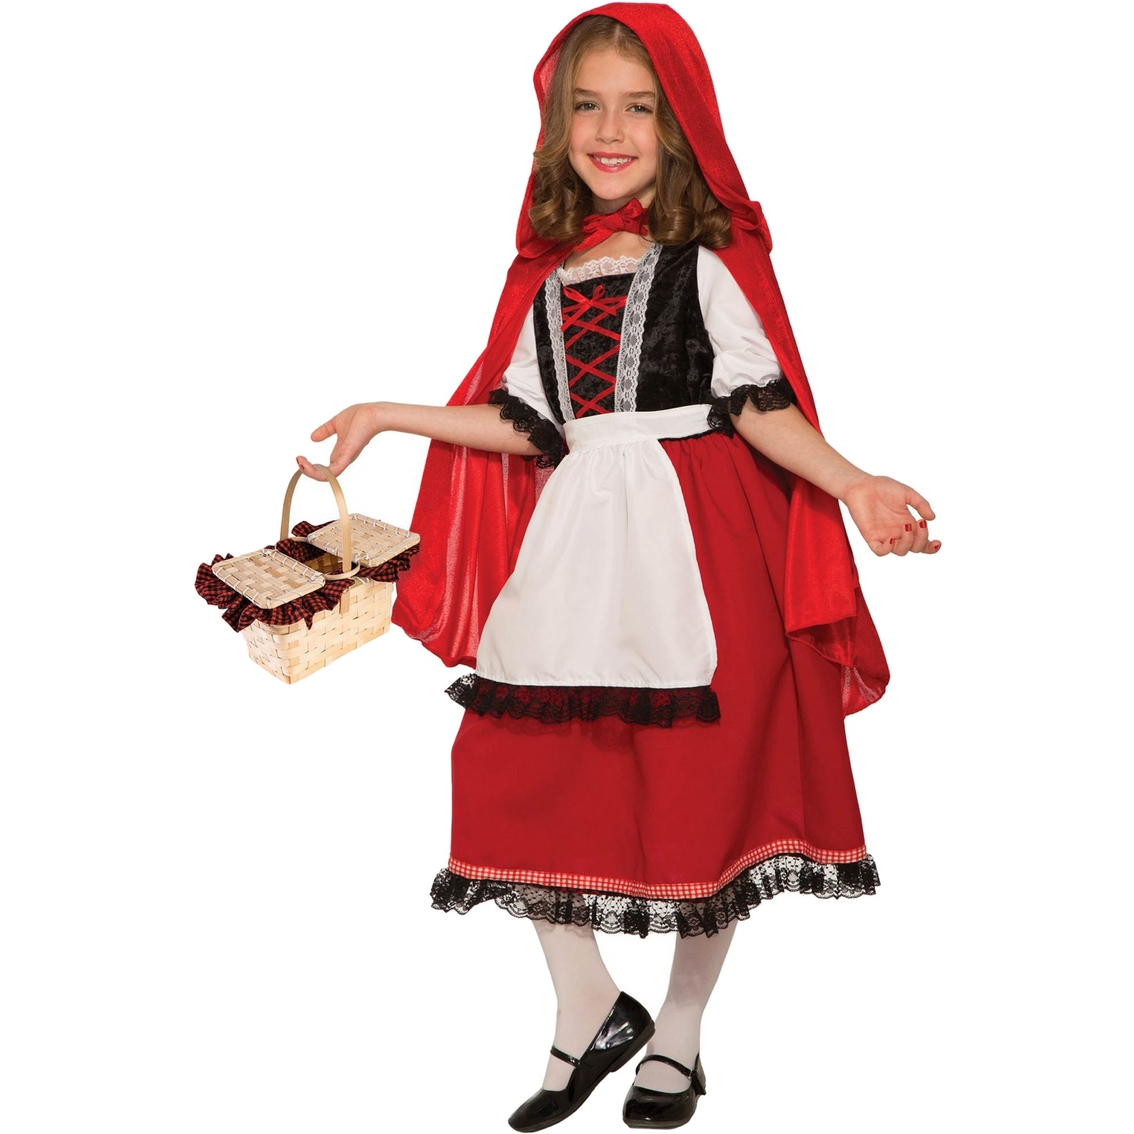 767e1680e6 Forum Novelties Little Girls   Girls Deluxe Red Riding Hood Costume ...